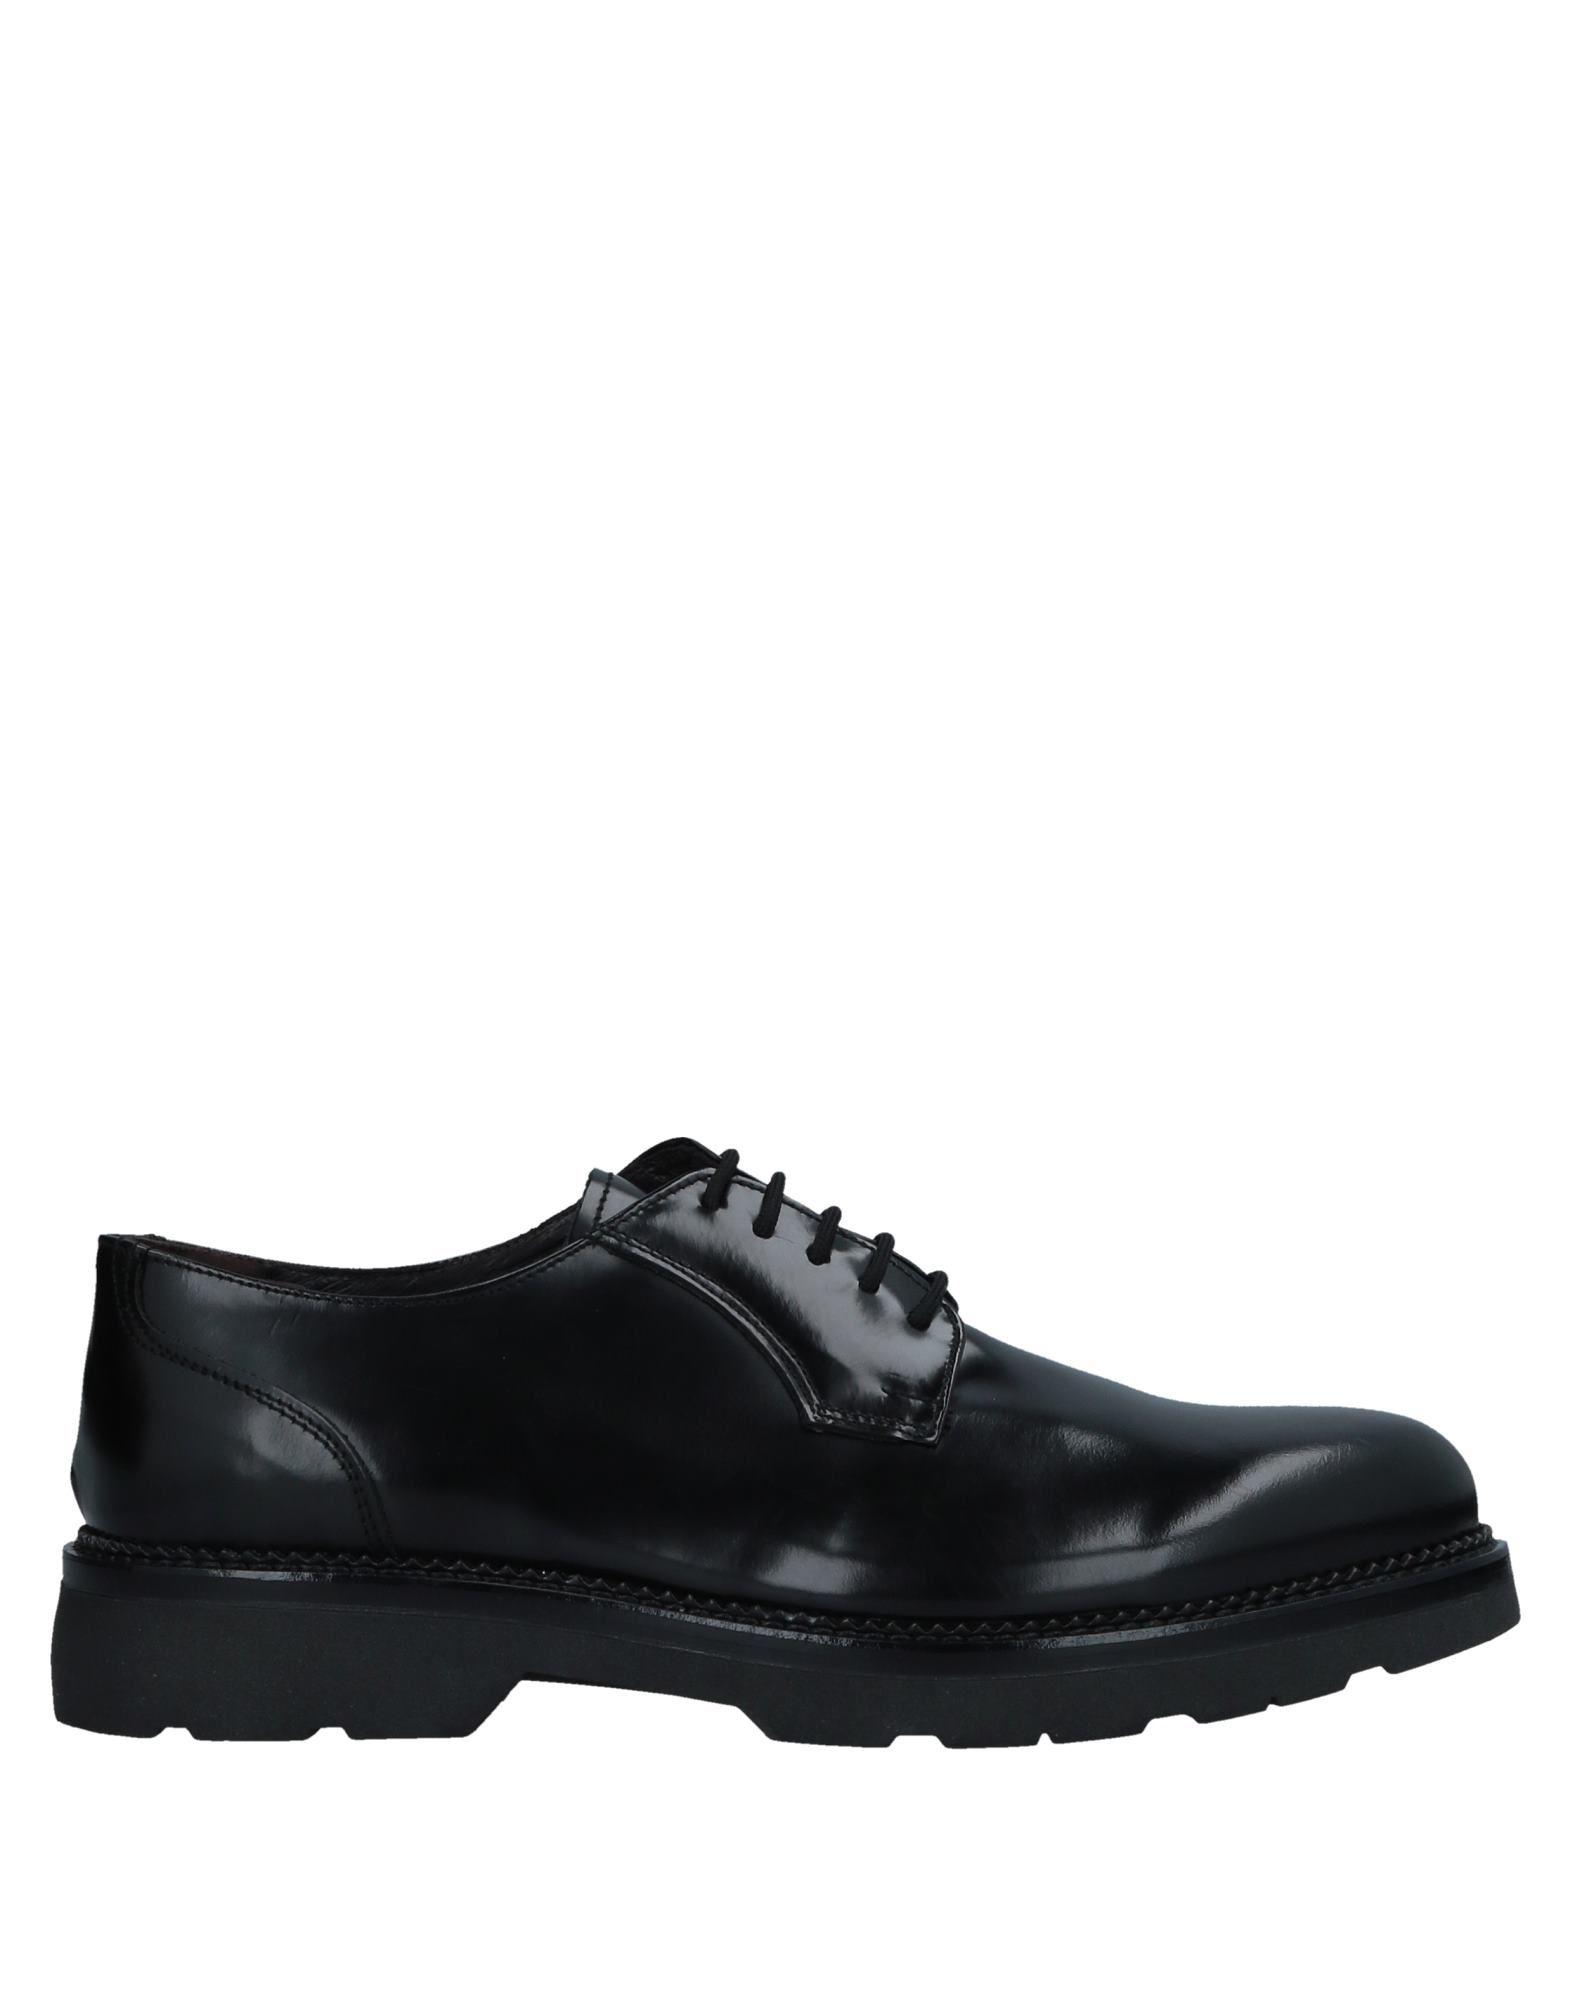 Rabatt echte Schuhe Roberto Della Croce Schnürschuhe Herren 11530105OU